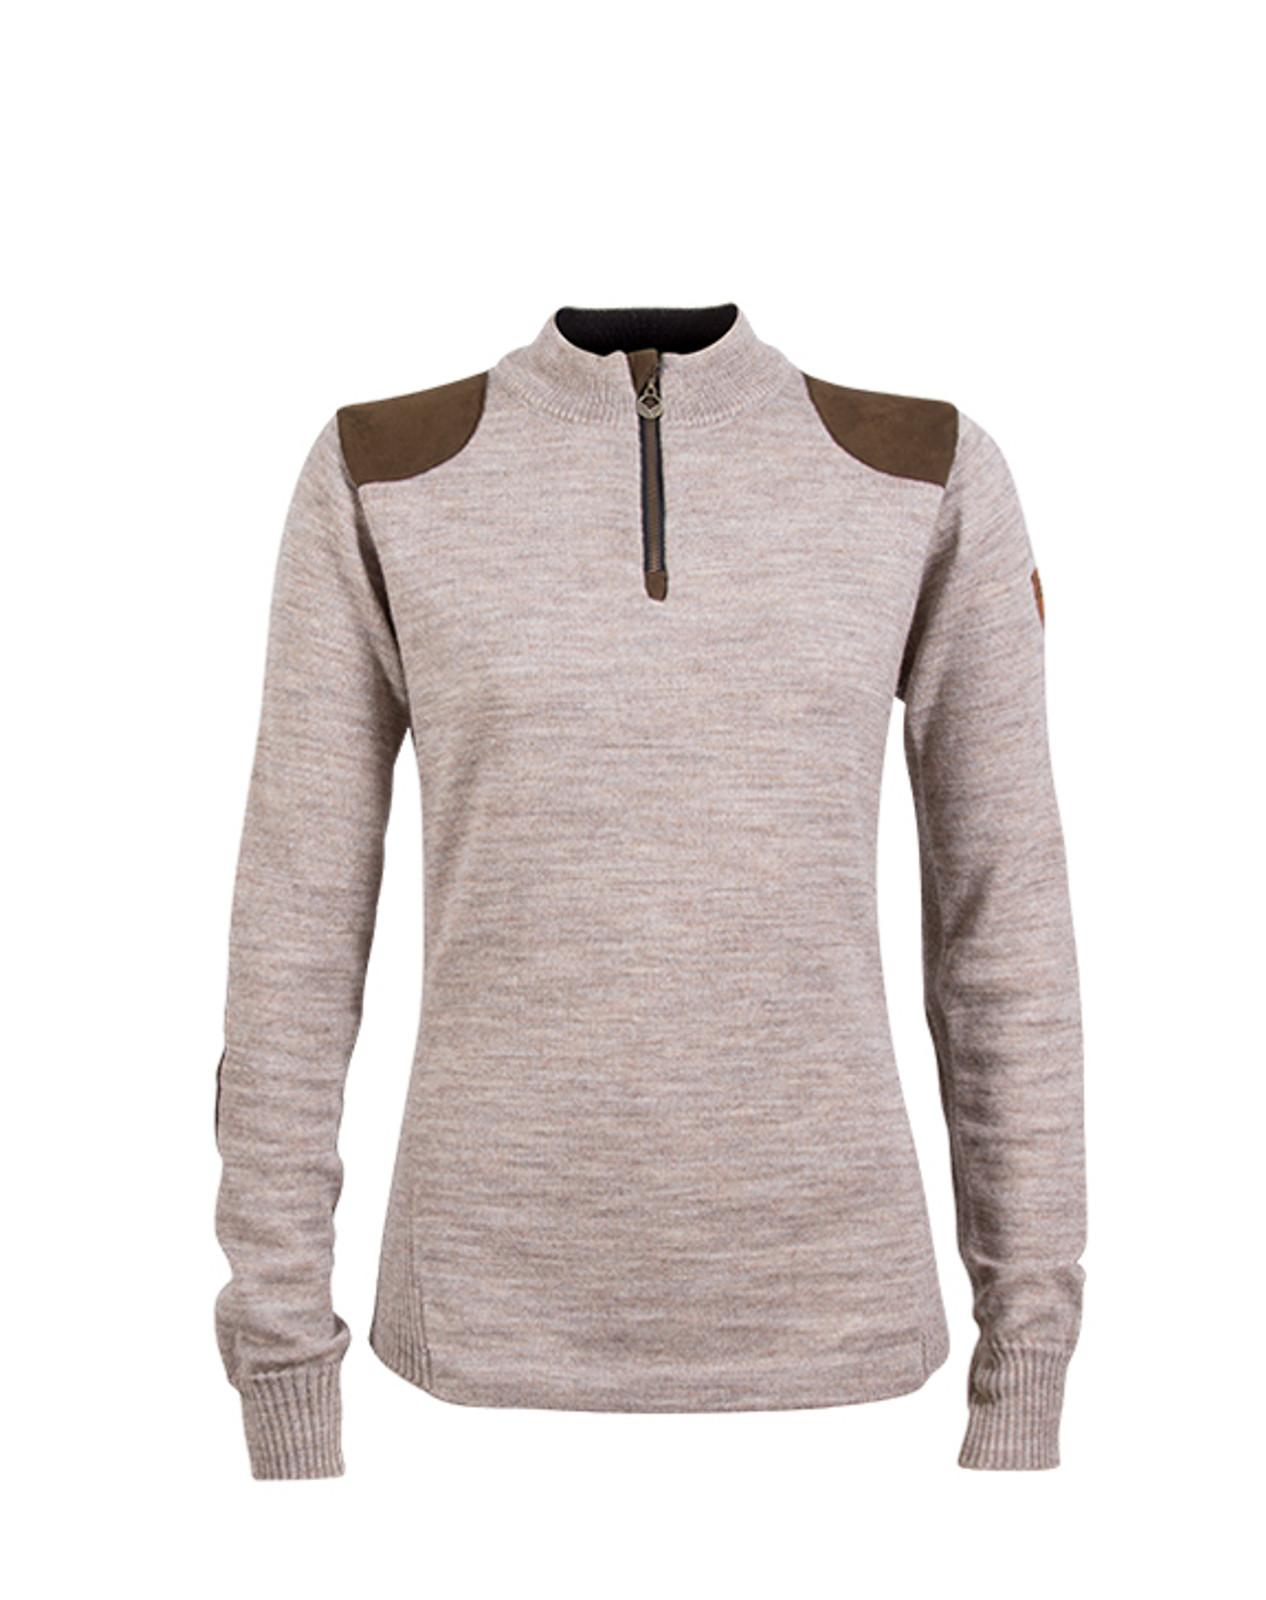 Dale of Norway, Furu ladies sweater in Sand, 92471-P